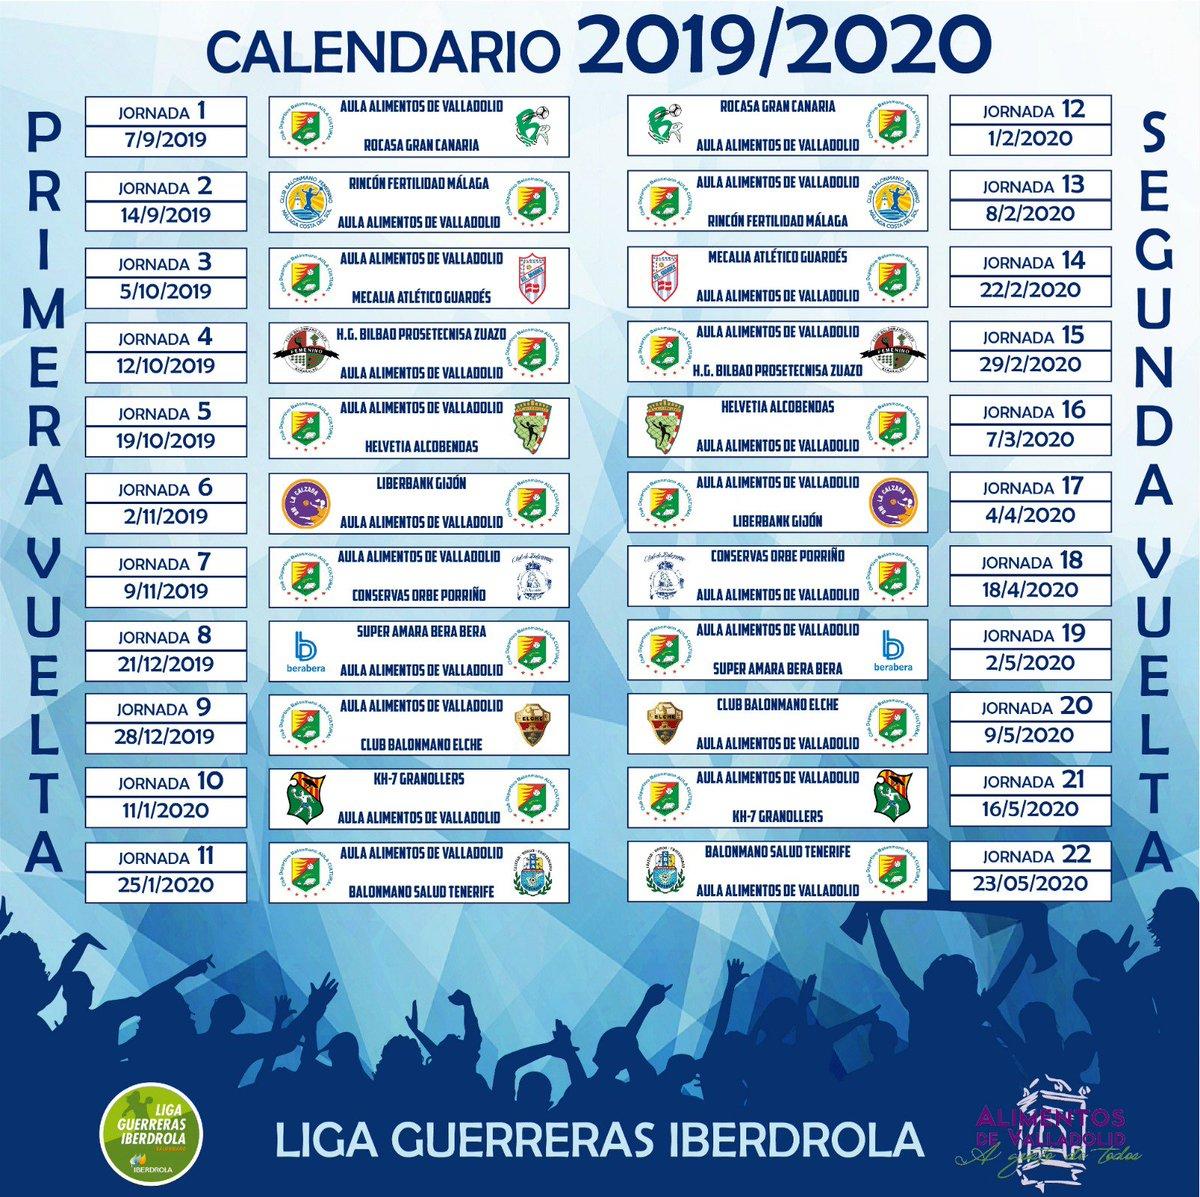 Nuestros socios, amigos y simpatizantes ya tienen el calendario, SIN EUROPA, de nuestro equipo para la Temporada 2019/2020 @IberdrolaDHF gentileza de @rubopucela . #AulaenEuropa #SéptimoañoDHF @alimentosVALL @Dip_Va @AyuntamientoVLL #finalistasCopaReina2019 @LAsNONNA @Scwuimac